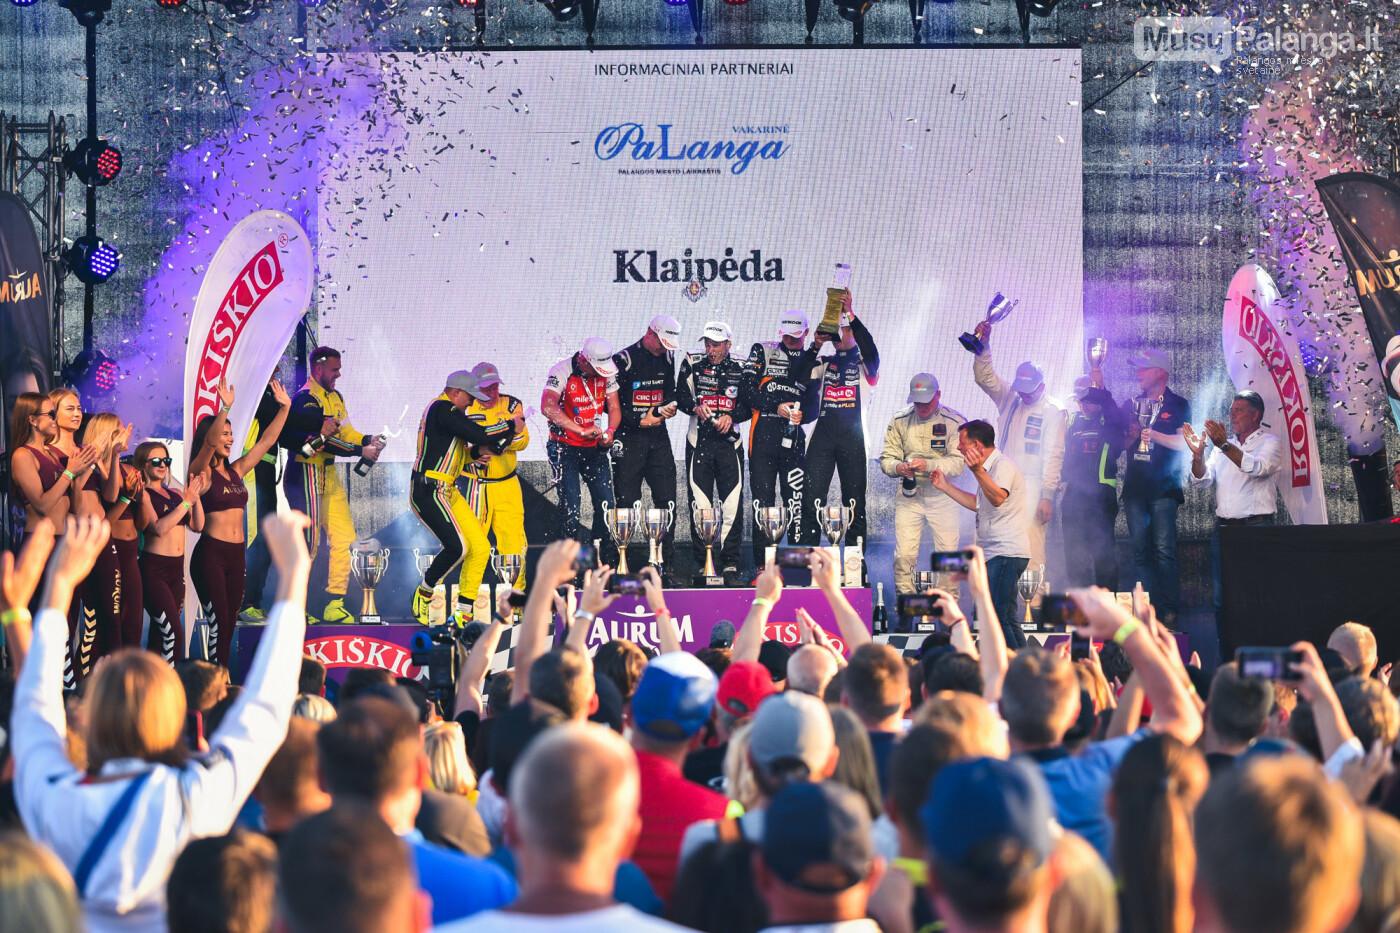 """Jubiliejinėse ilgų nuotolių lenktynėse ryškiausiai švietė """"Circle K milesPlus Racing Team""""  žvaigždė, nuotrauka-44"""